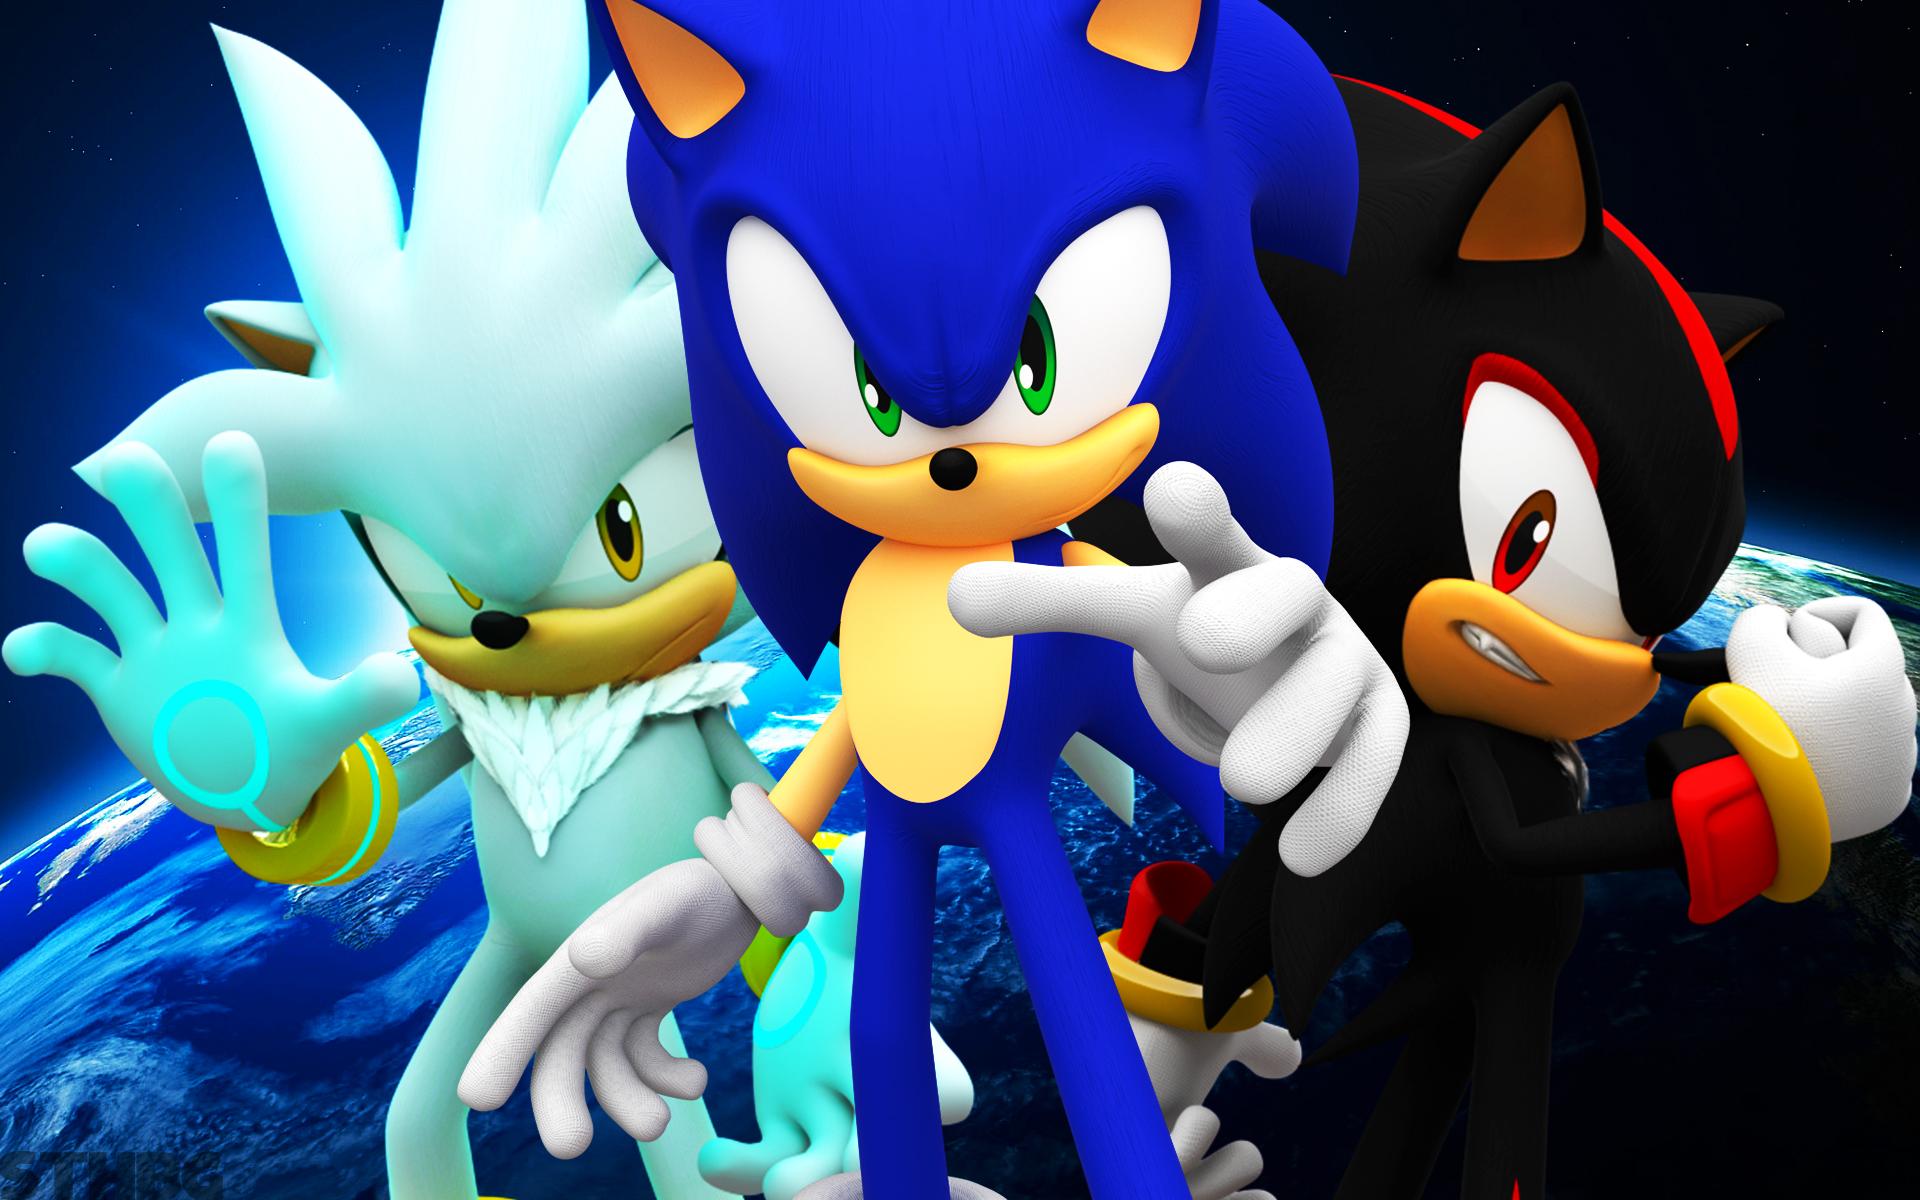 Silver Sonic Y Shadow SUPER. | Dibujos, Videojuegos ... |Super Sonic And Super Shadow And Super Silver Wallpaper